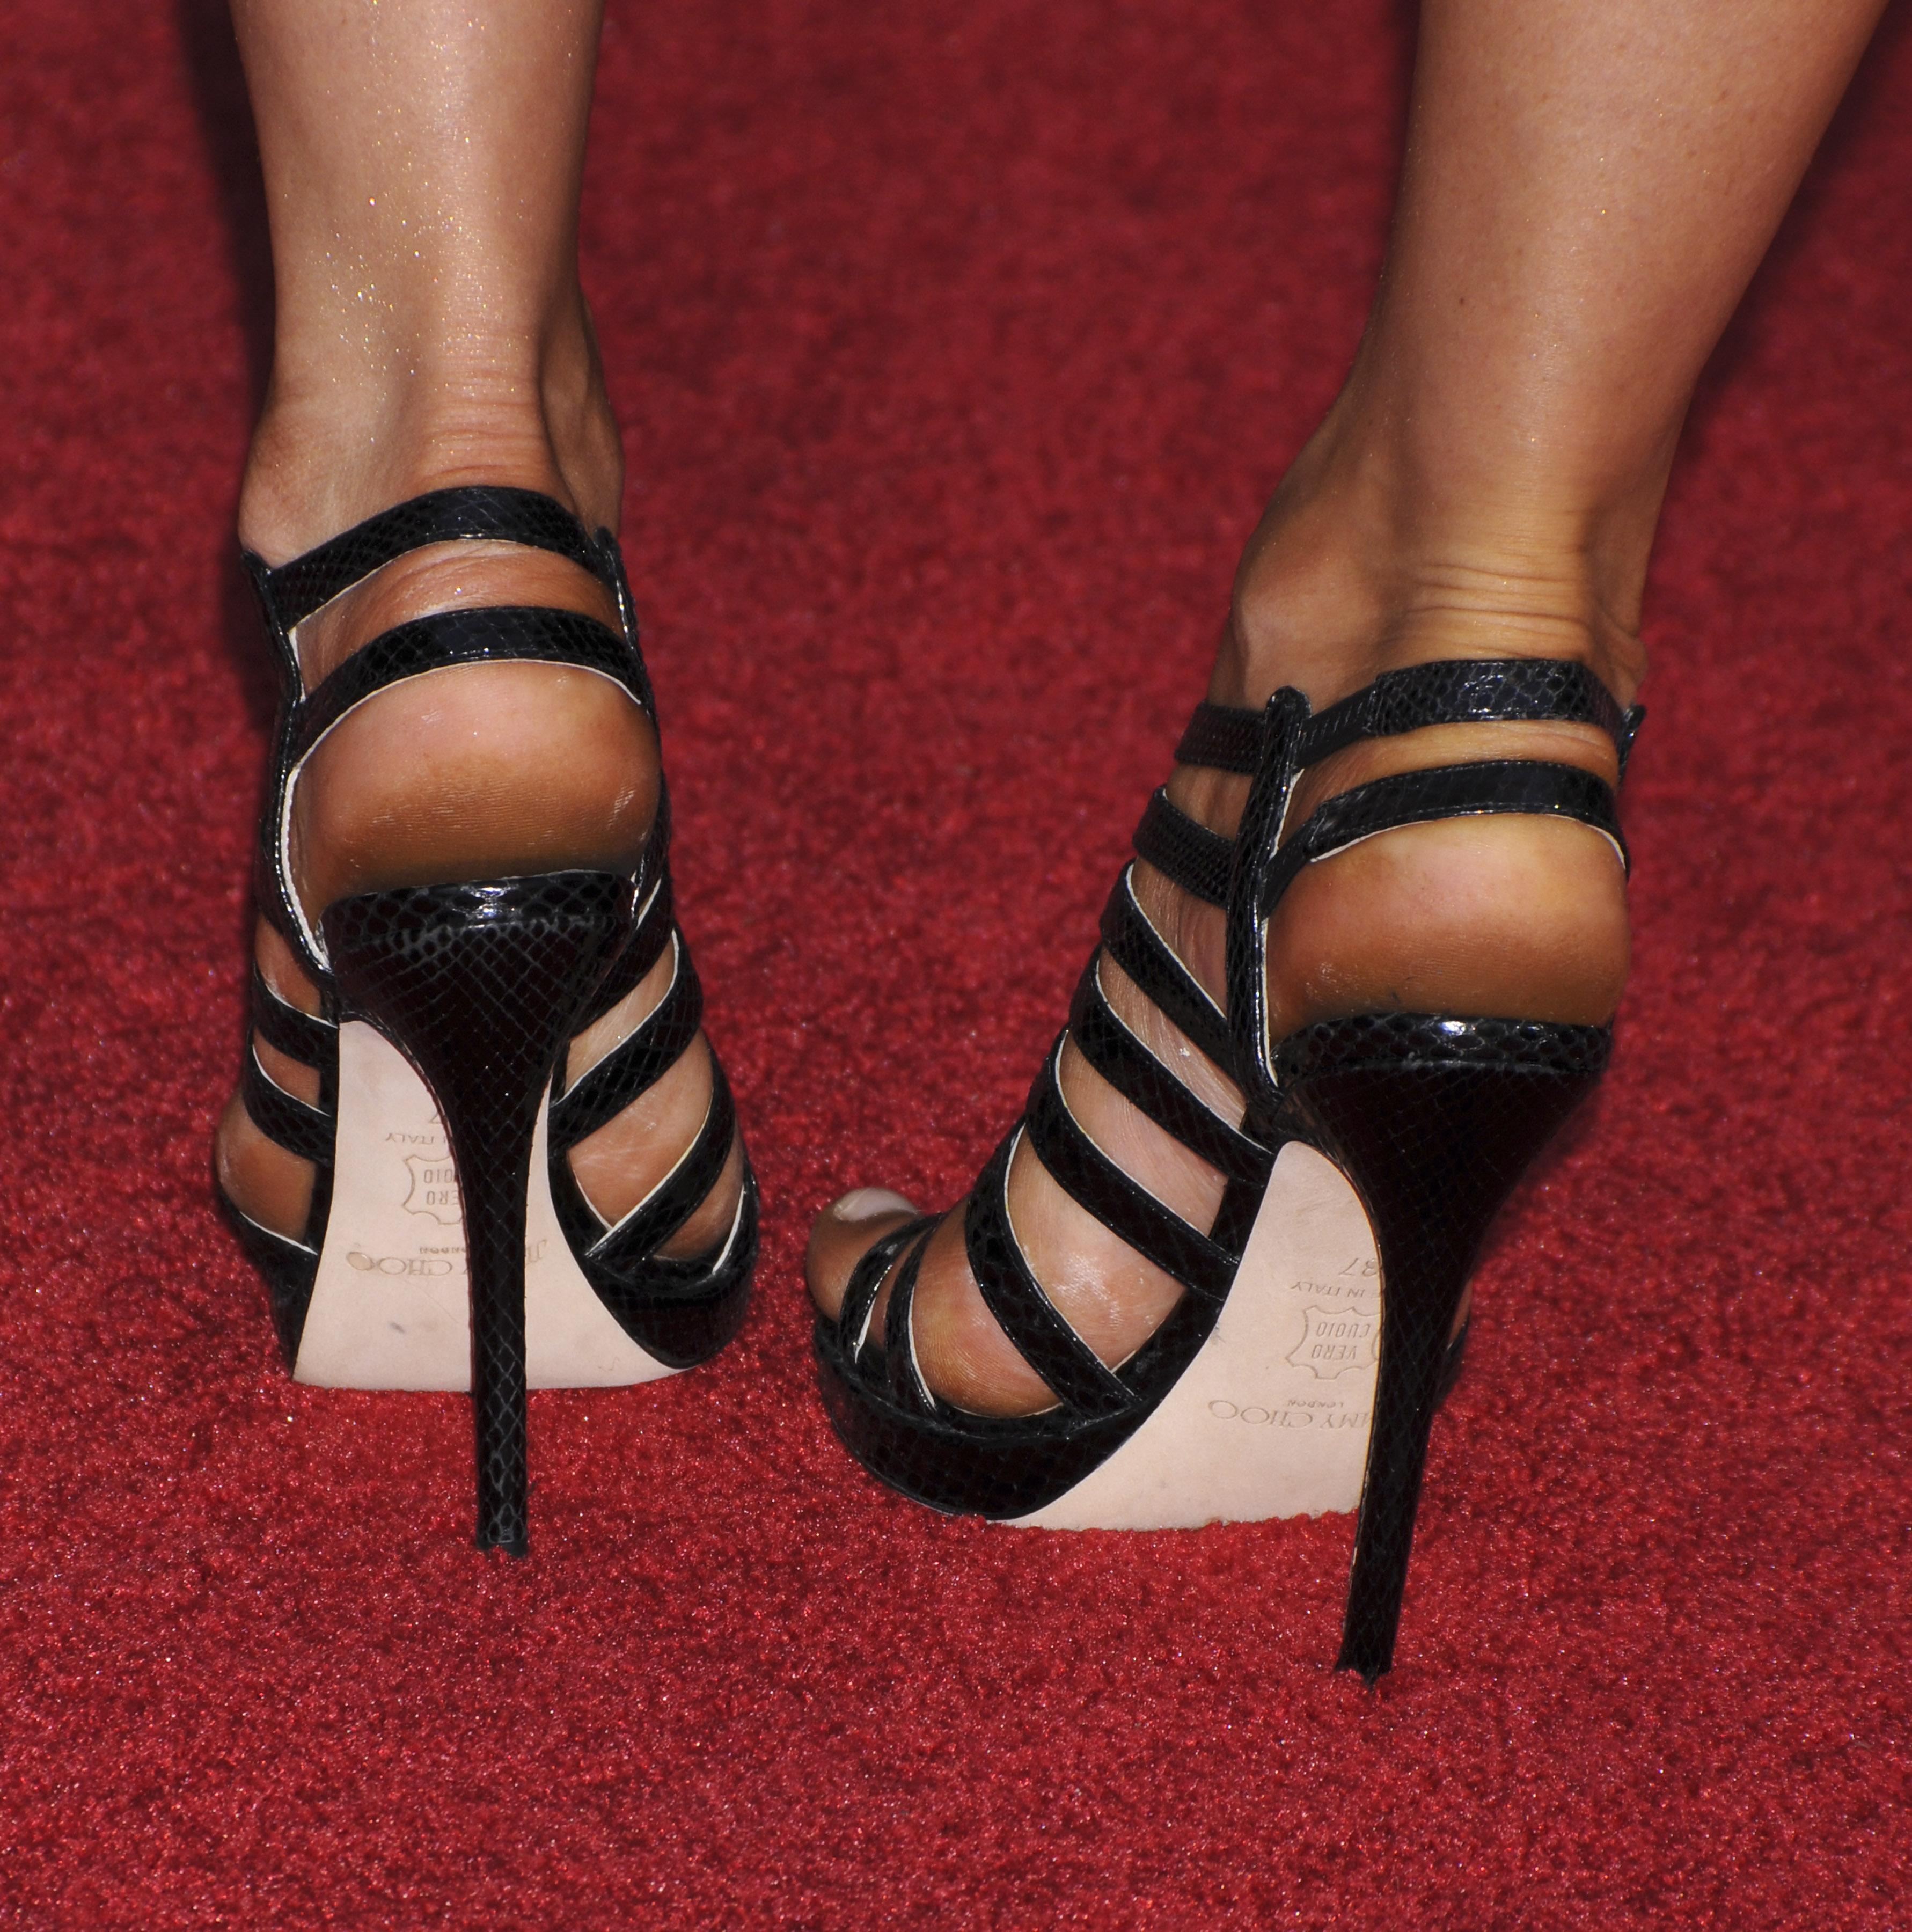 Самые грязные ноги женщин 9 фотография